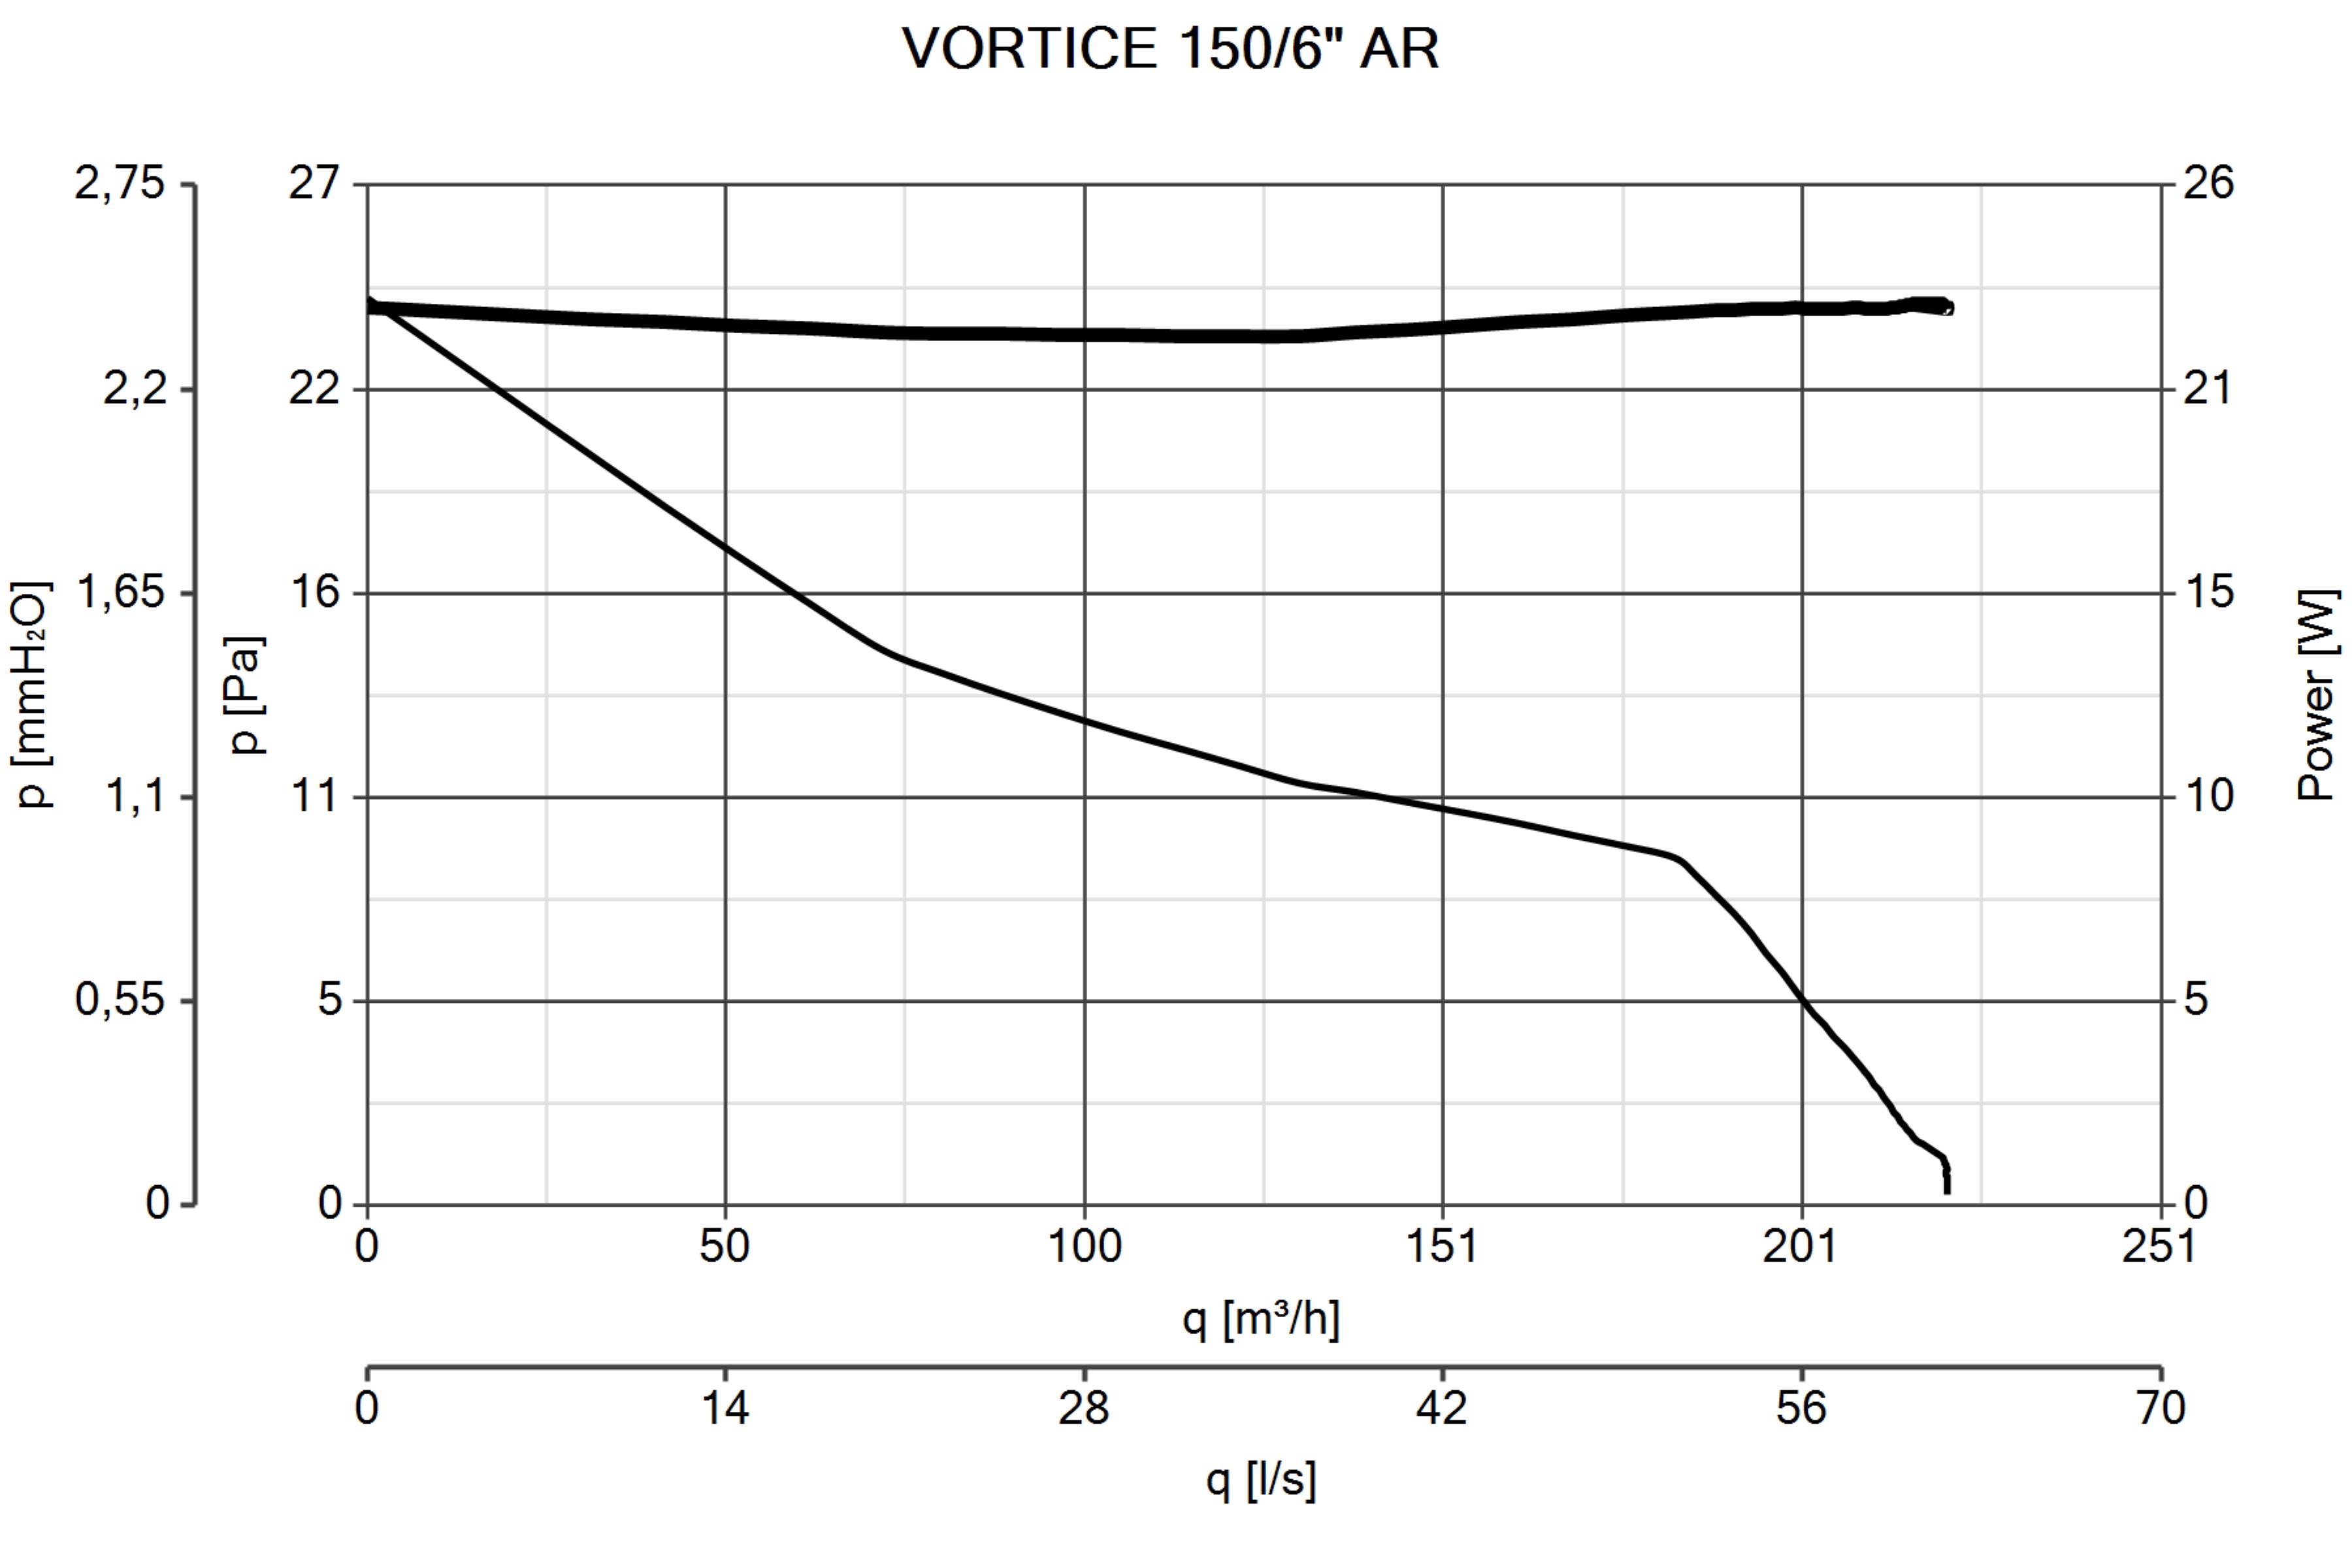 Schema Elettrico Regolatore Velocità Vortice : A e m ventilazione industriale elicoidali vortice